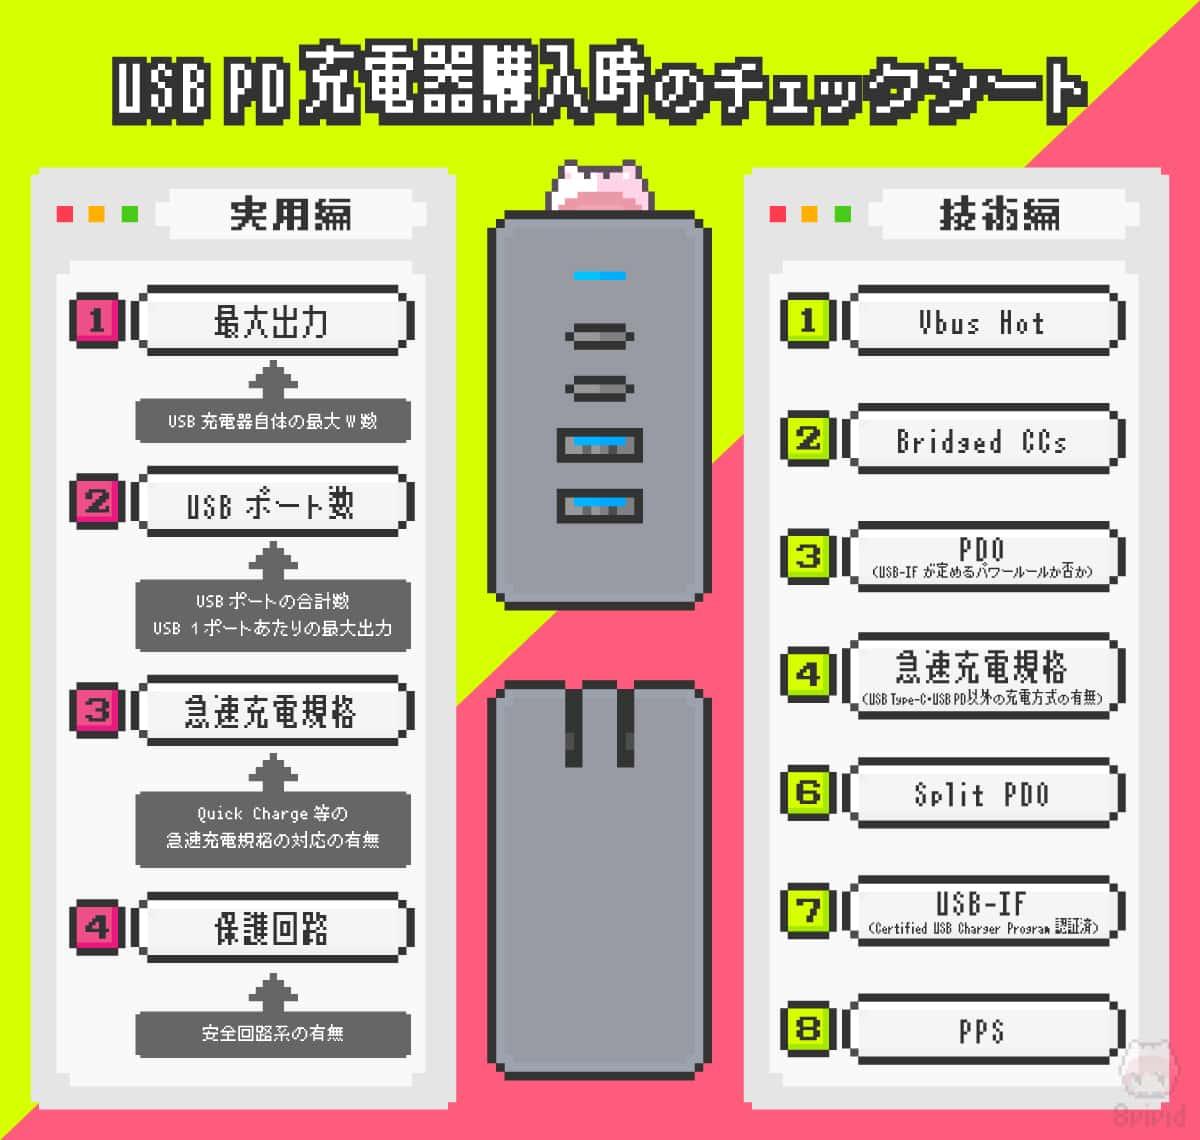 USB PD充電器購入時のチェックシート。